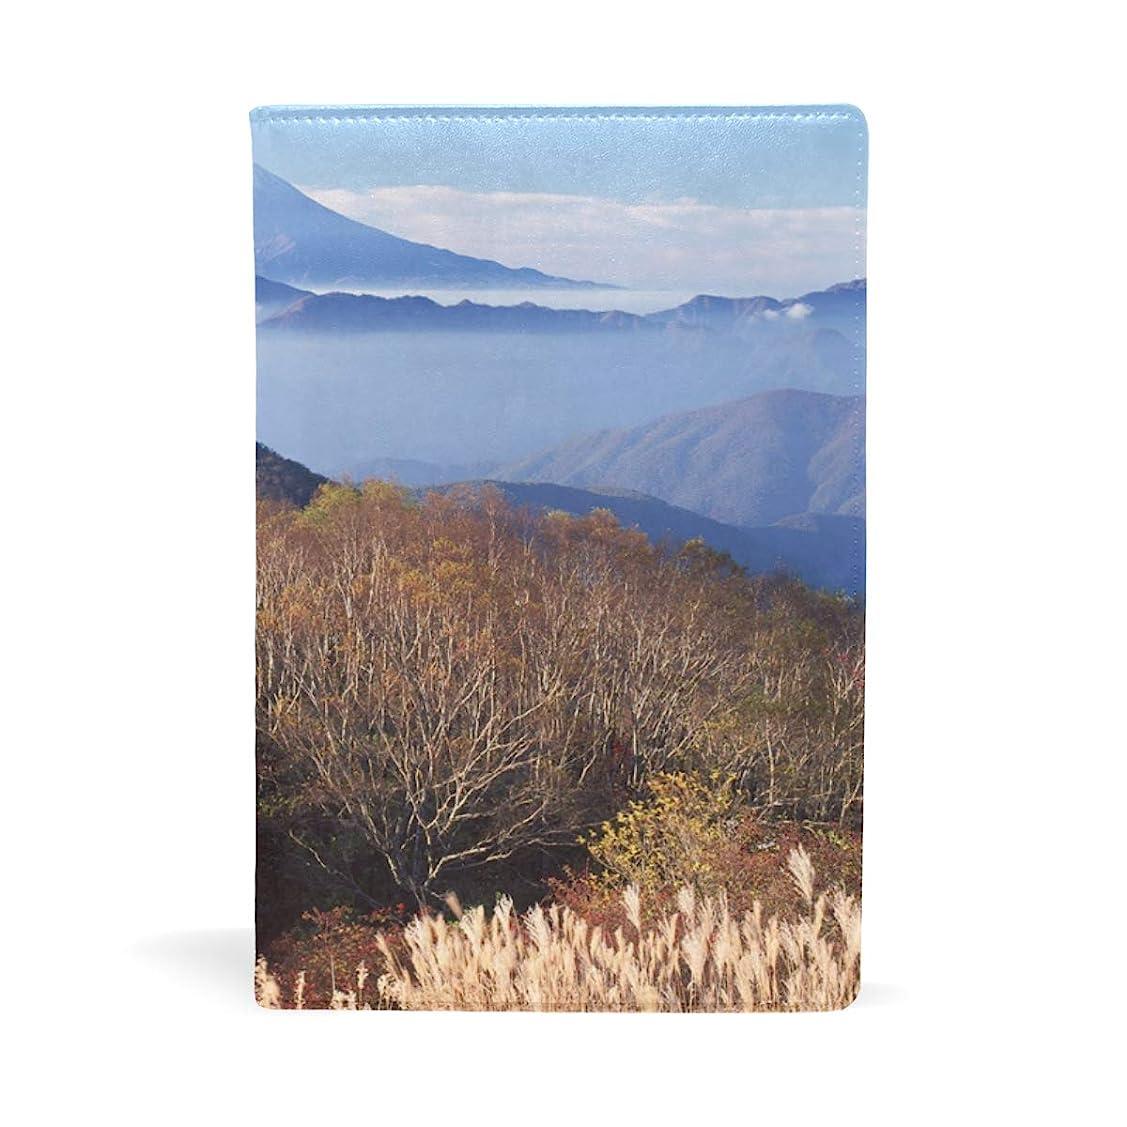 セラー可愛い観光富士山雲海 ブックカバー 文庫 a5 皮革 おしゃれ 文庫本カバー 資料 収納入れ オフィス用品 読書 雑貨 プレゼント耐久性に優れ